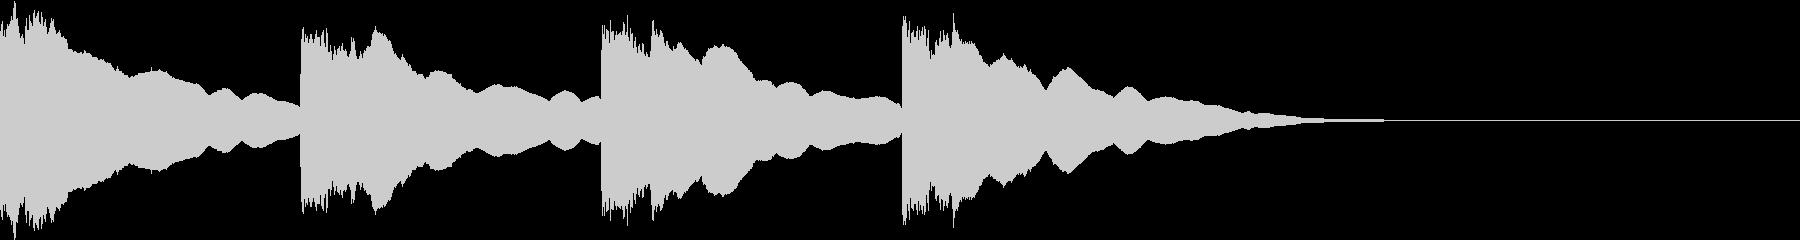 潜水艦の中のような電子音2(4発)の未再生の波形